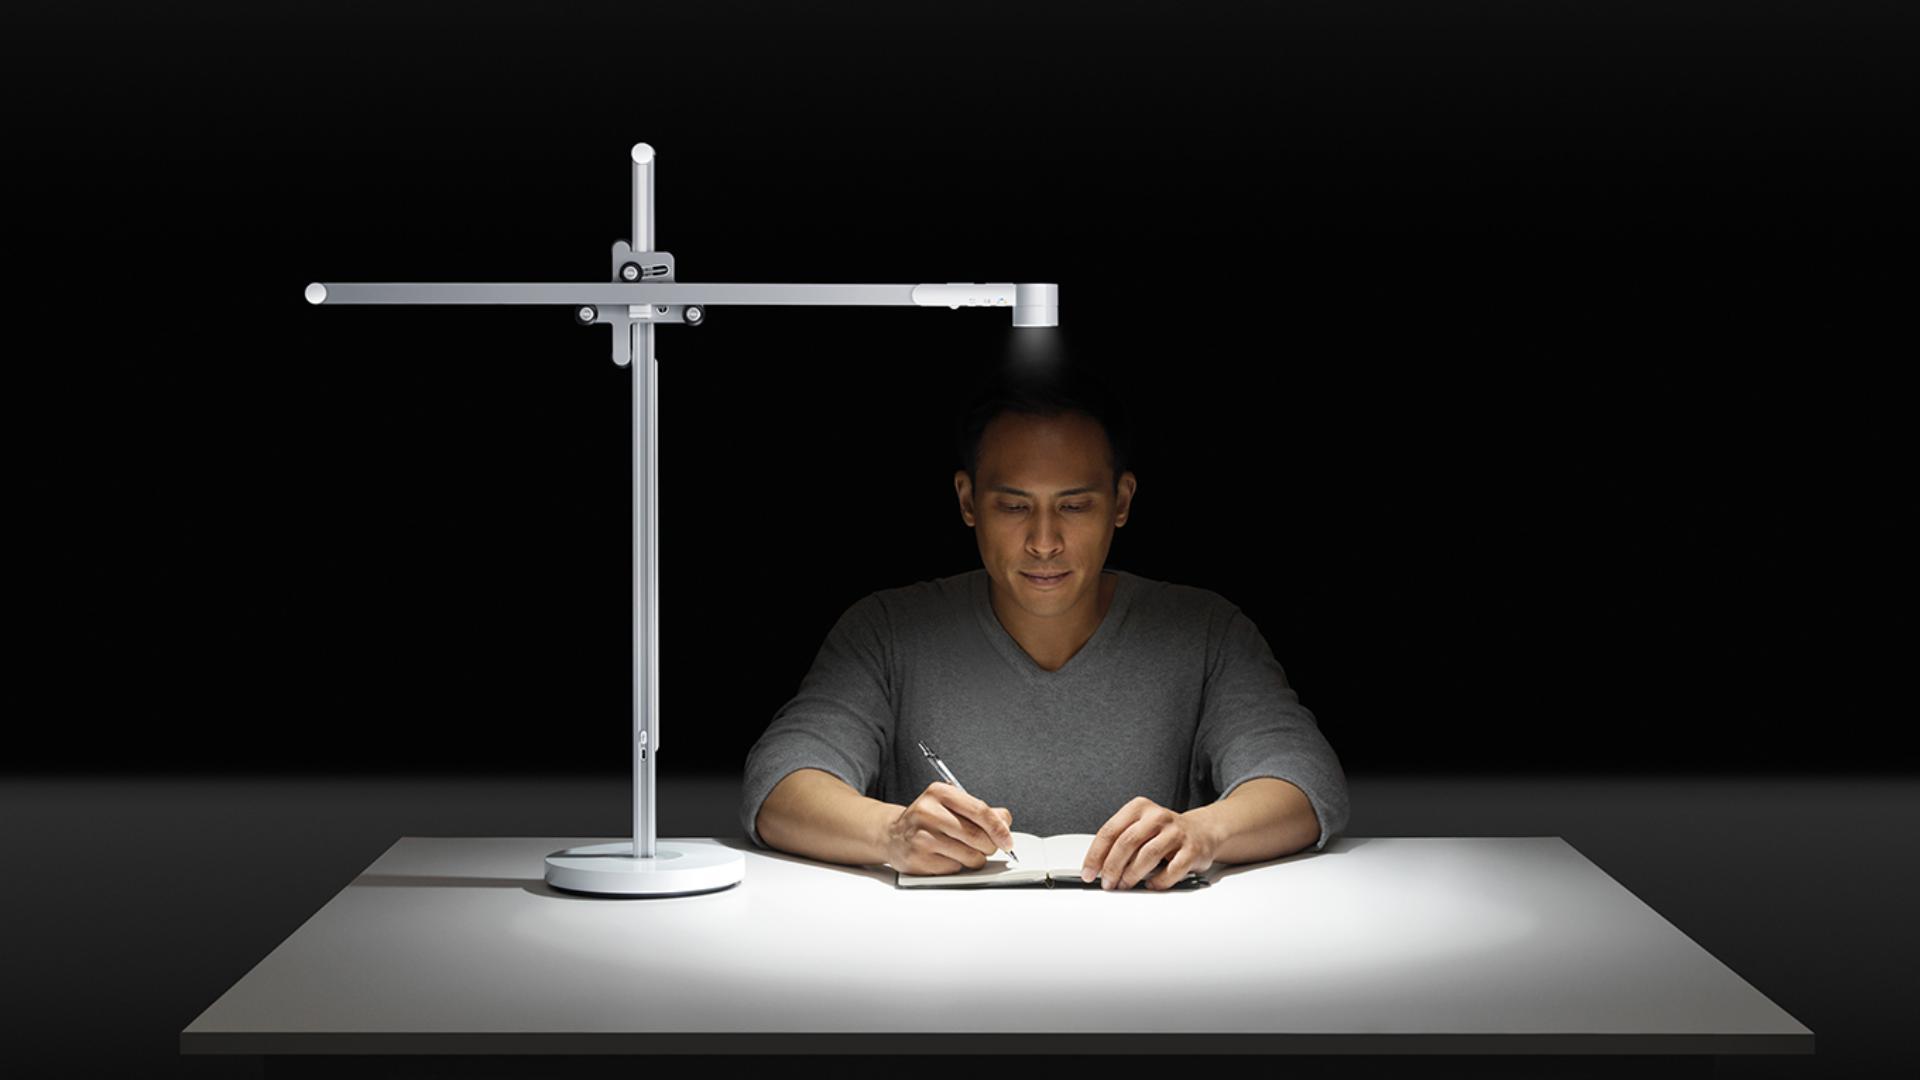 Un hombre trabajando bajo una potente luz de escritorio